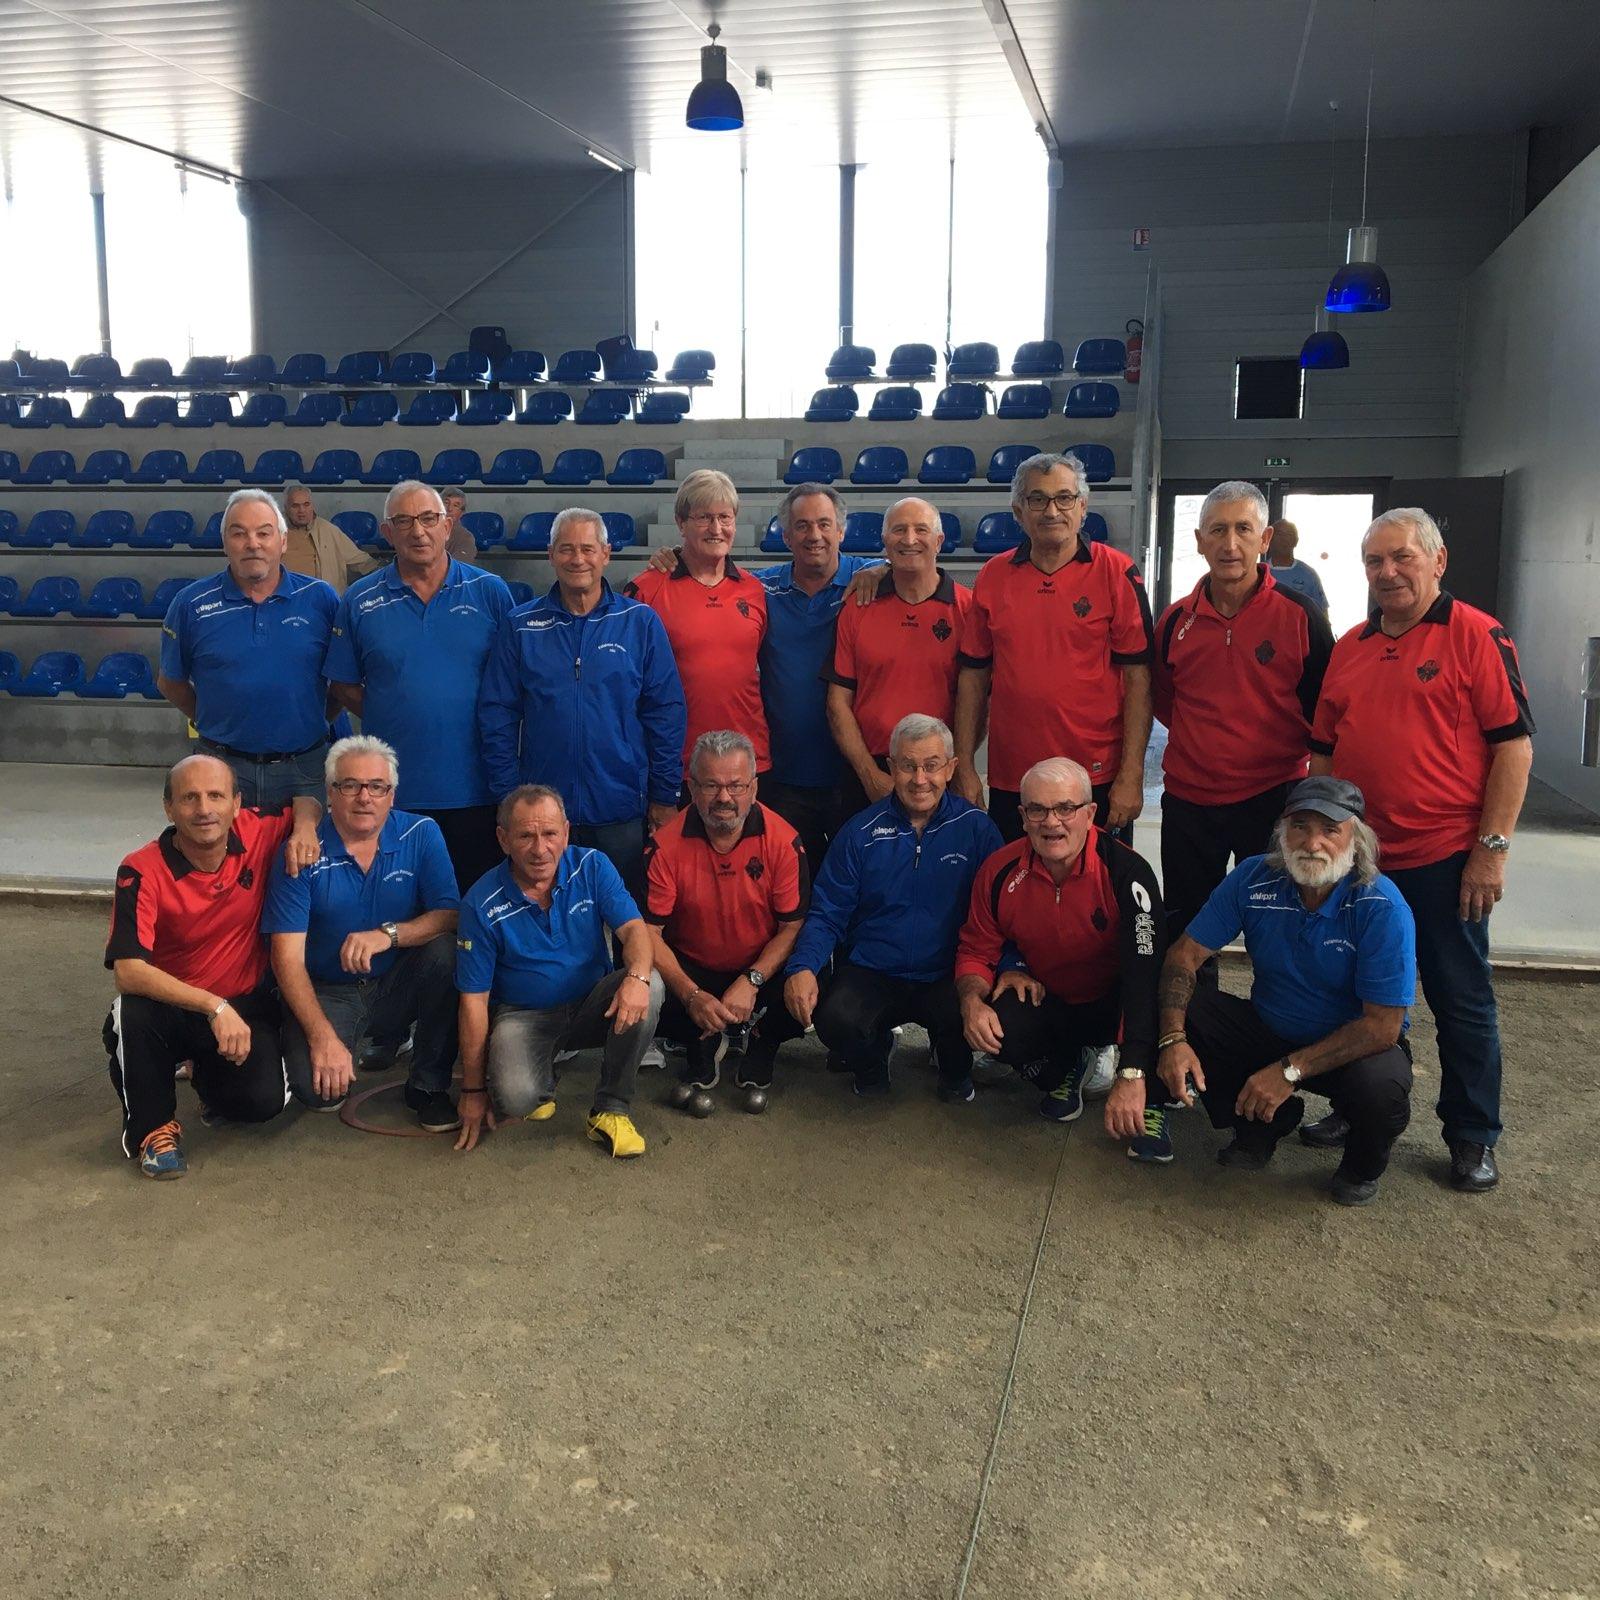 Championnat des clubs vétérans catégorie régional